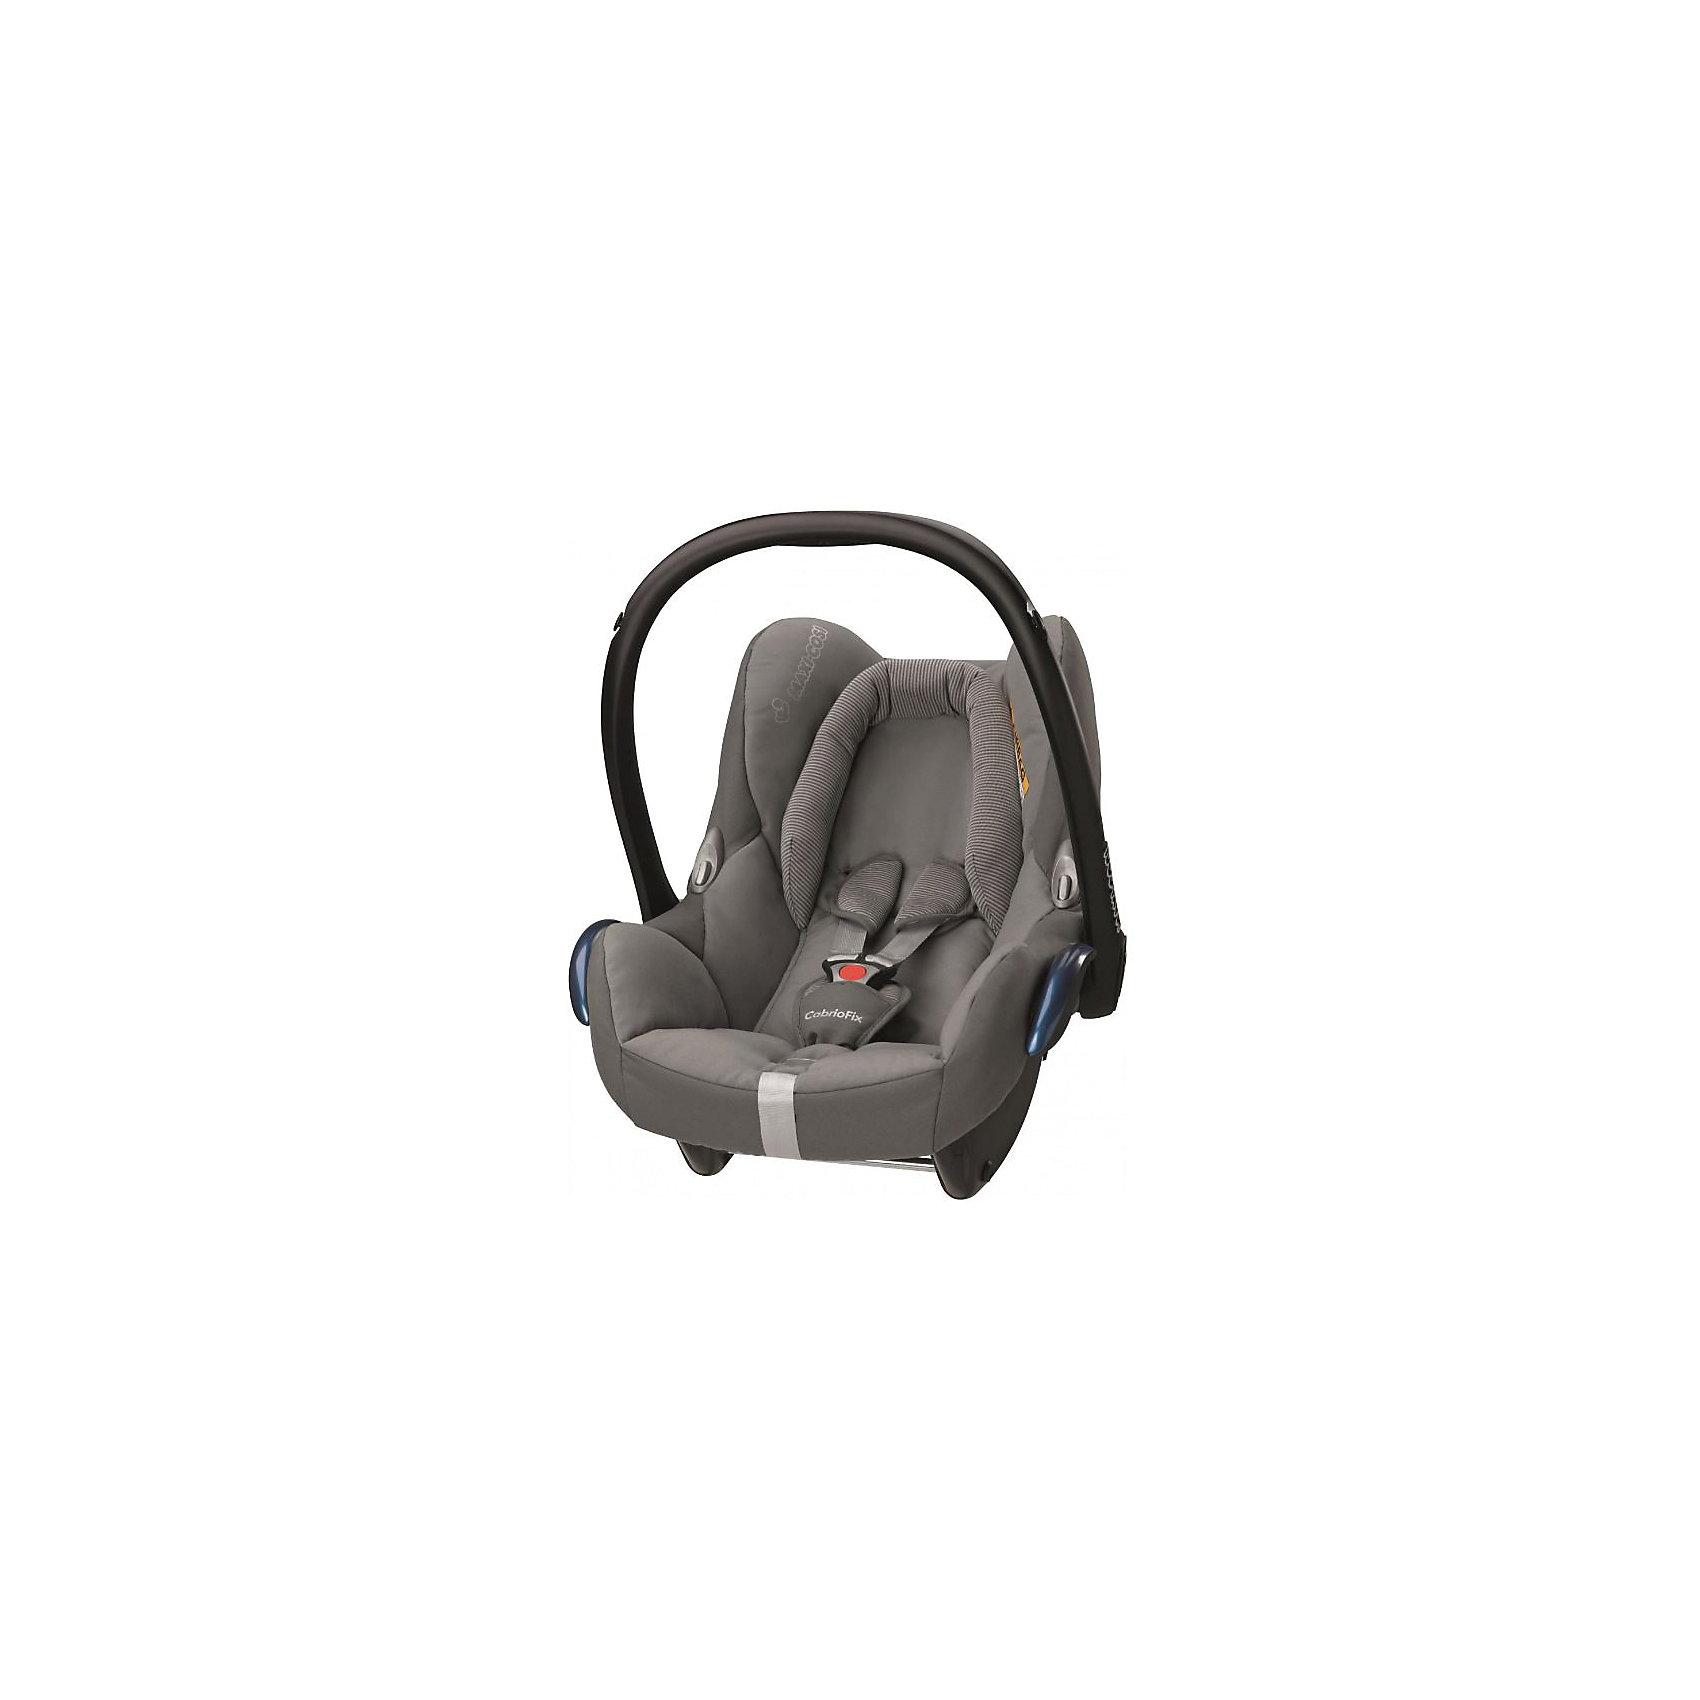 Автокресло CabrioFix 0-13 кг., Maxi-Cosi, concrite greyУдобное высокотехнологичное автокресло-переноска позволит перевозить ребенка, не беспокоясь при этом о его безопасности. Оно предназначено для предназначено для детей весом  до 13 килограмм. Такое кресло обеспечит малышу не только безопасность, но и удобство (тент от солнца а и анатомическая подушка). Ребенок надежно фиксируется в кресле и ездит с комфортом.<br>Автокресло устанавливают против движения. Такое кресло дает возможность свободно путешествовать, ездить в гости и при этом  быть рядом с малышом. Конструкция - очень удобная и прочная. Изделие произведено из качественных и безопасных для малышей материалов, оно соответствуют всем современным требованиям безопасности. Оно отлично показало себя на краш-тестах.<br> <br>Дополнительная информация:<br><br>цвет: серый;<br>материал: текстиль, пластик;<br>вес ребенка:  от 0 до 13 кг;<br>вес кресла: 3,5 кг;<br>съемный чехол;<br>карман для вещей;<br>анатомическая подушка;<br>внутренние ремни - трехточечные, с мягкими накладками;<br>регулировка высоты внутренних ремней;<br>регулировка наклона спинки;<br>регулировка высоты подголовника;<br>ручка для переноски;<br>тент от солнца.<br><br>Автокресло CabrioFix 0-13 кг., конкрит грей от компании Maxi-Cosi можно купить в нашем магазине.<br><br>Ширина мм: 445<br>Глубина мм: 375<br>Высота мм: 725<br>Вес г: 3300<br>Цвет: серый<br>Возраст от месяцев: 0<br>Возраст до месяцев: 12<br>Пол: Унисекс<br>Возраст: Детский<br>SKU: 4709797